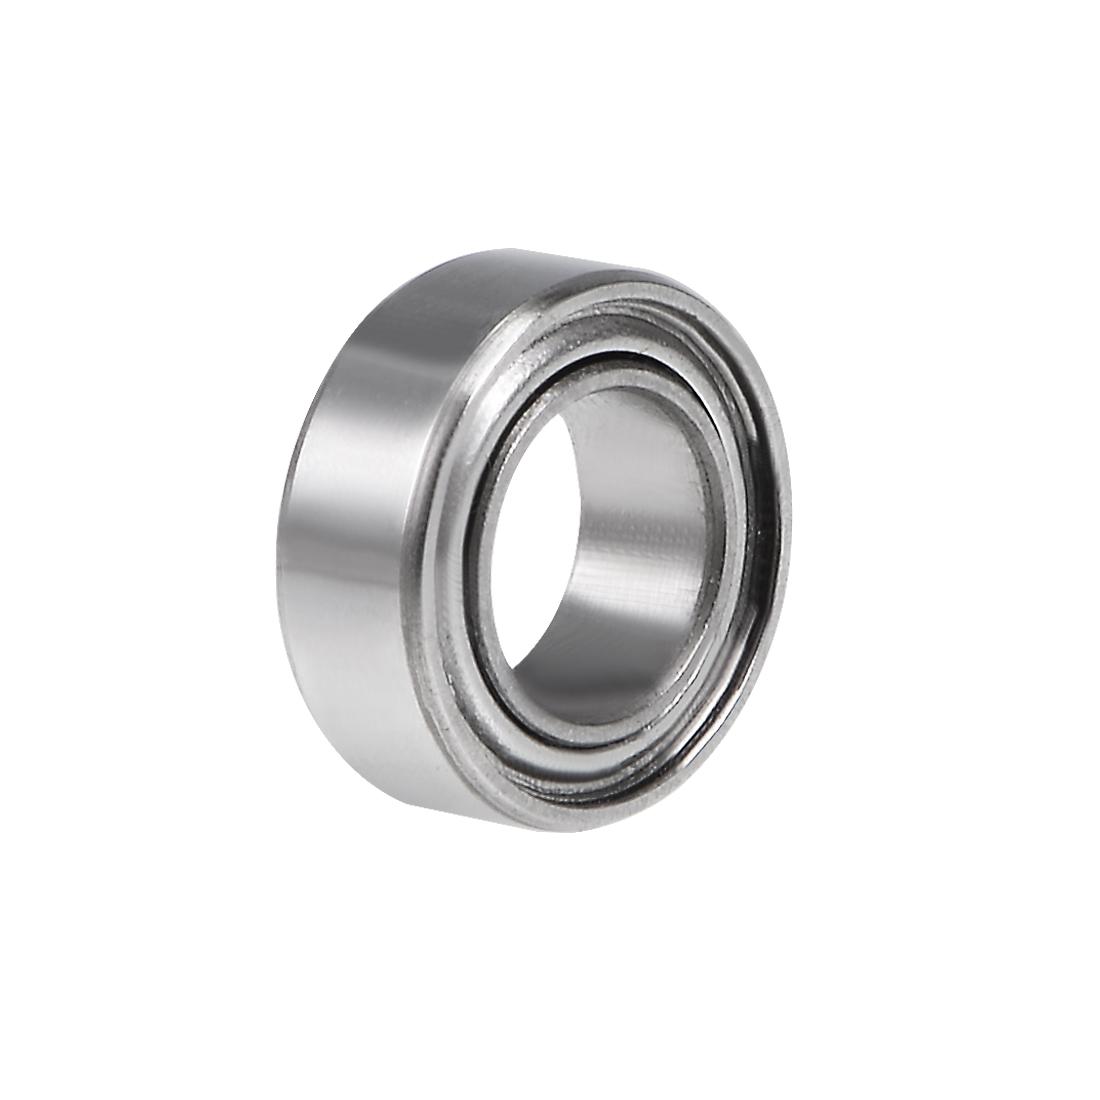 SMR74ZZ Stainless Steel Ball Bearing 4x7x2.5mm Double Shielded MR74Z Z2 Bearings